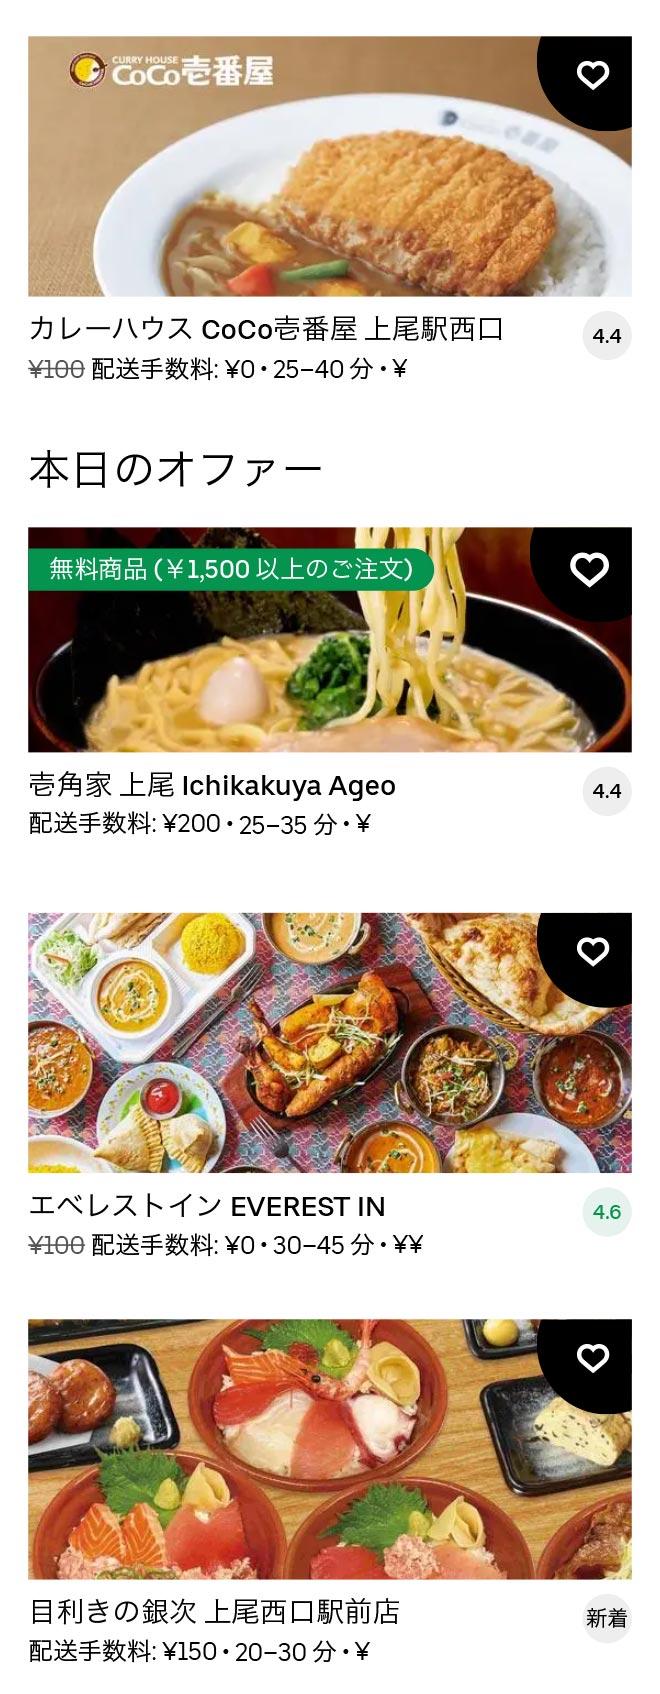 Ageo menu 2012 03